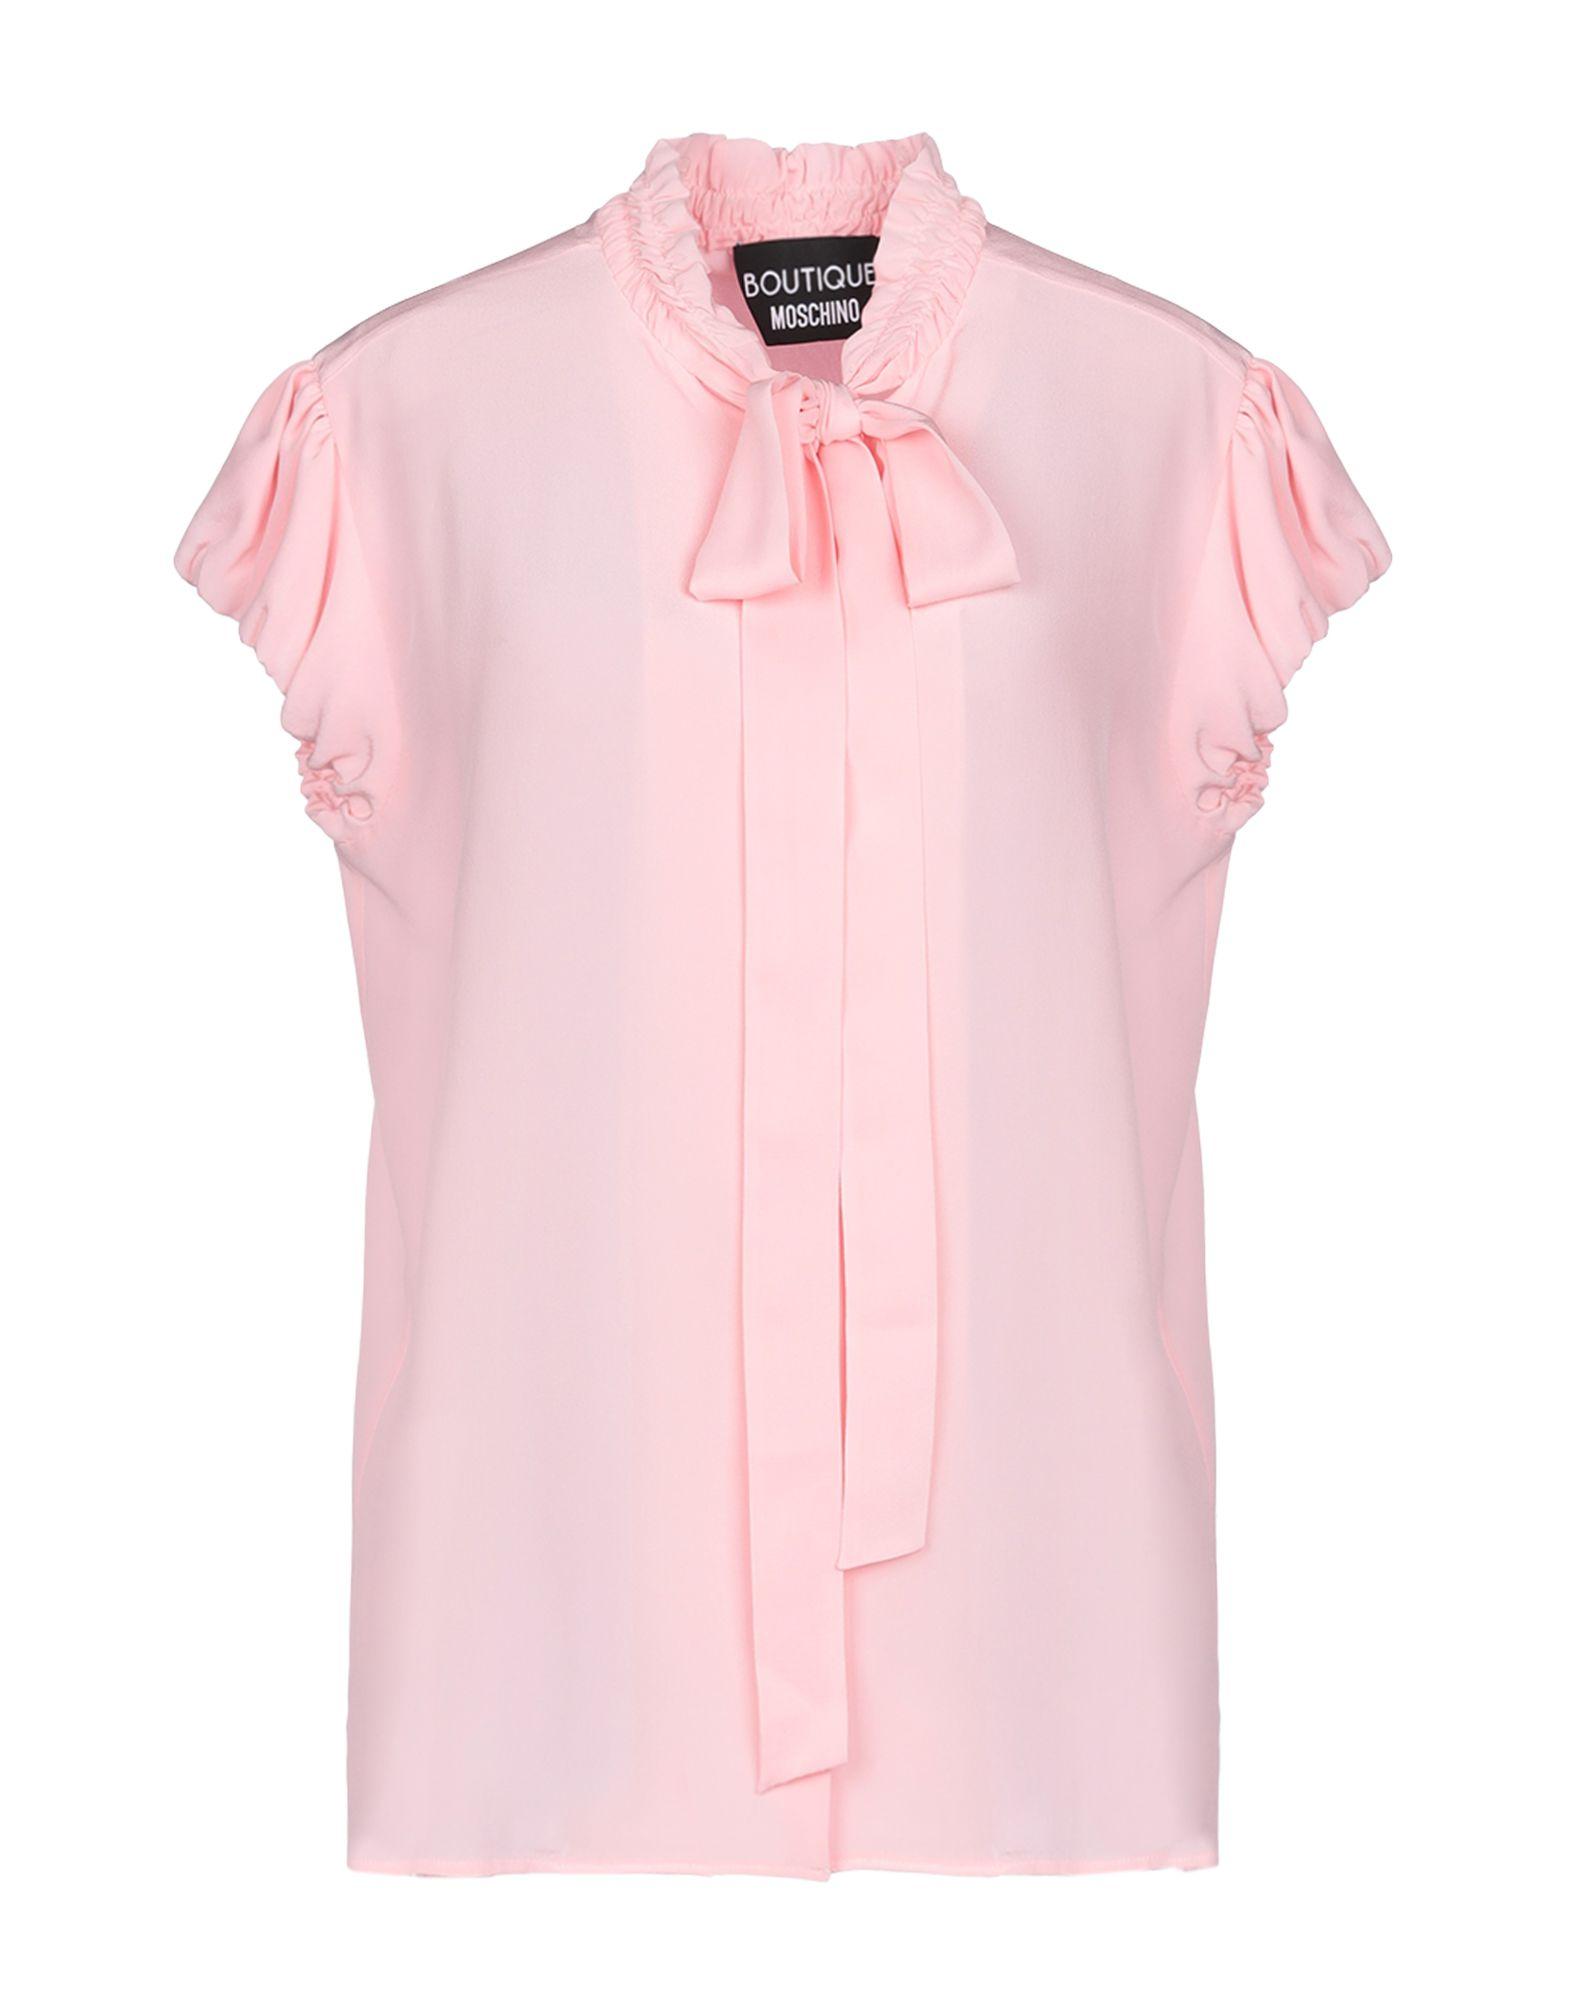 BOUTIQUE MOSCHINO Pубашка boutique moschino pубашка